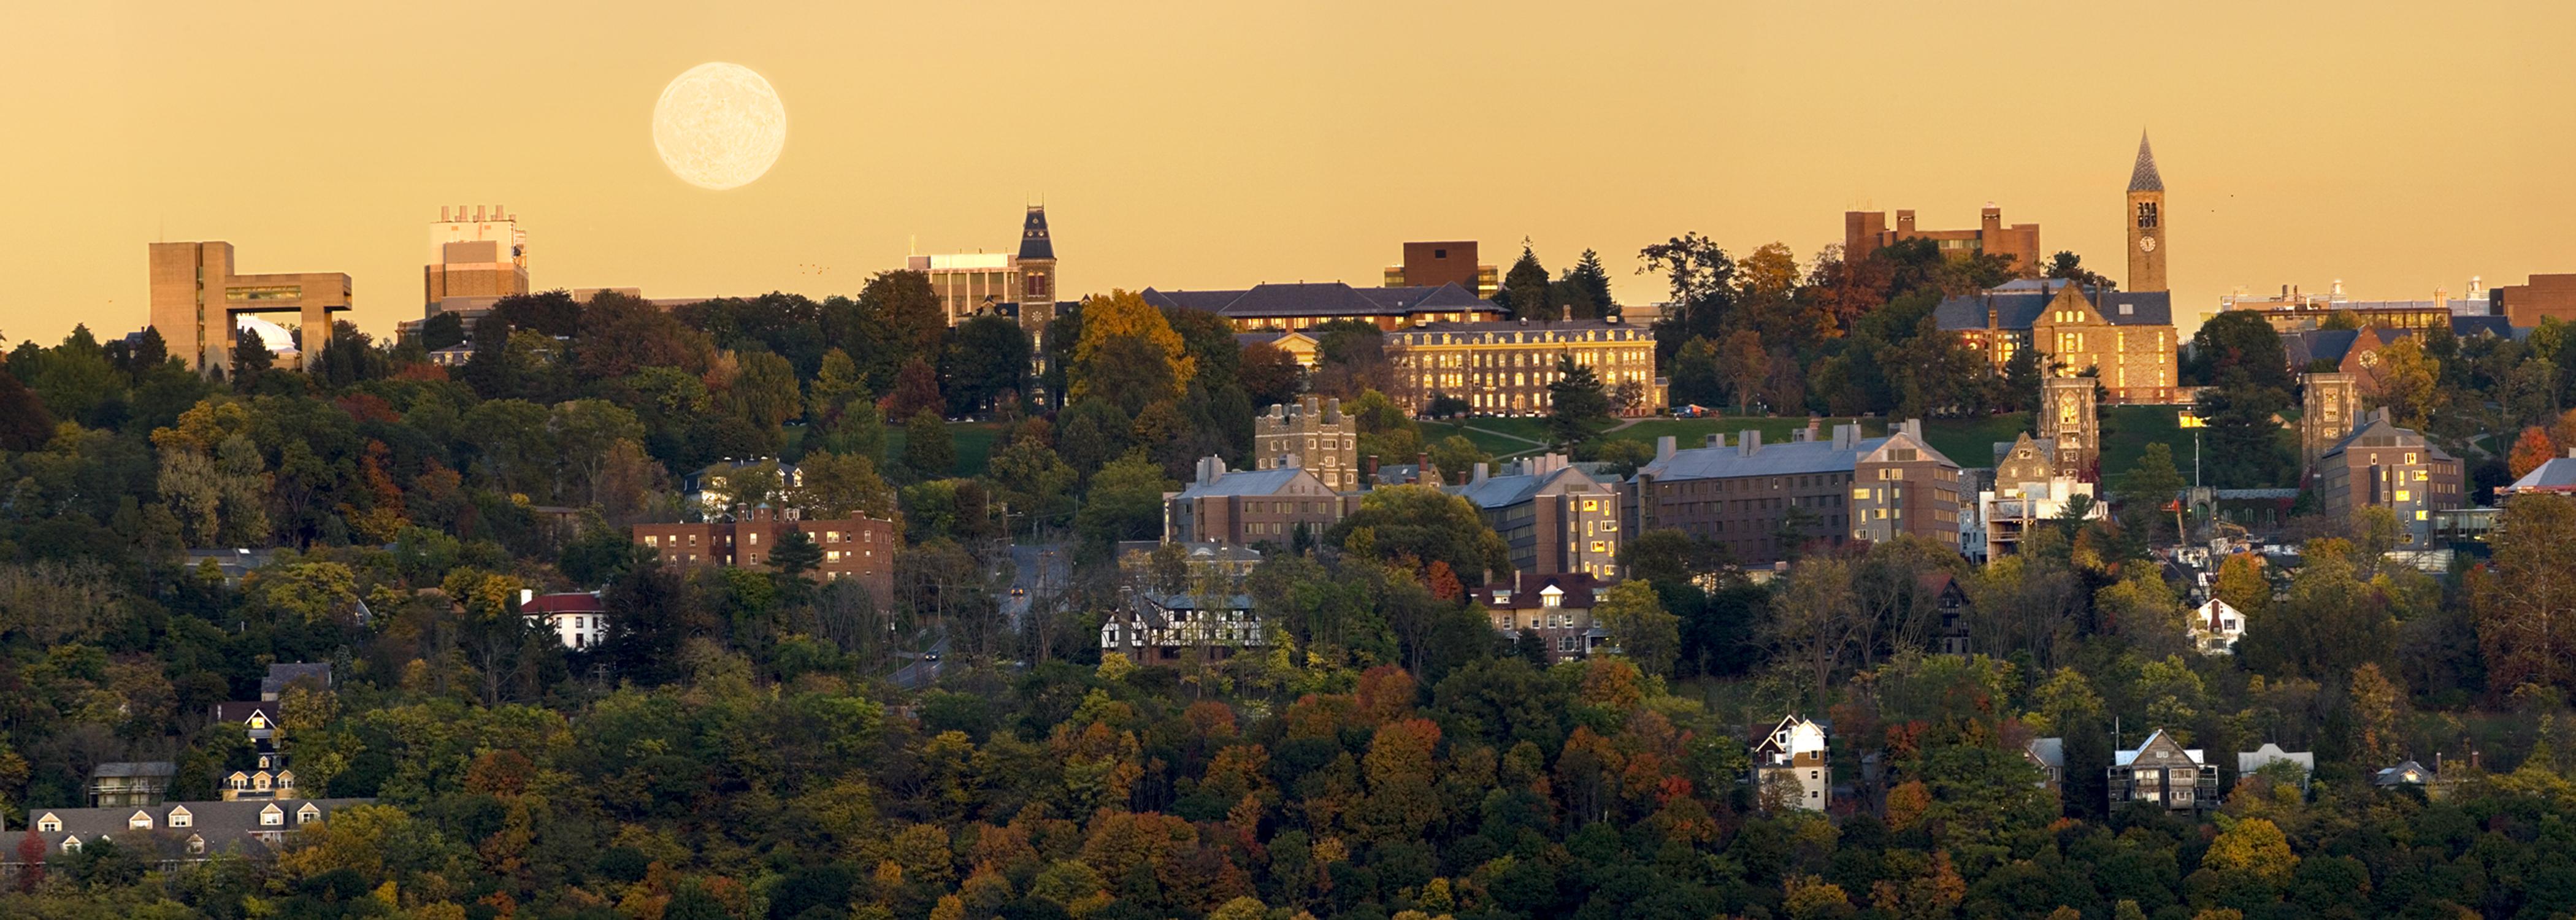 Architecture is Flat   Cornell AAP aploon Rosemary Batt The ILR School Cornell University Cornell University ILR  School Contact